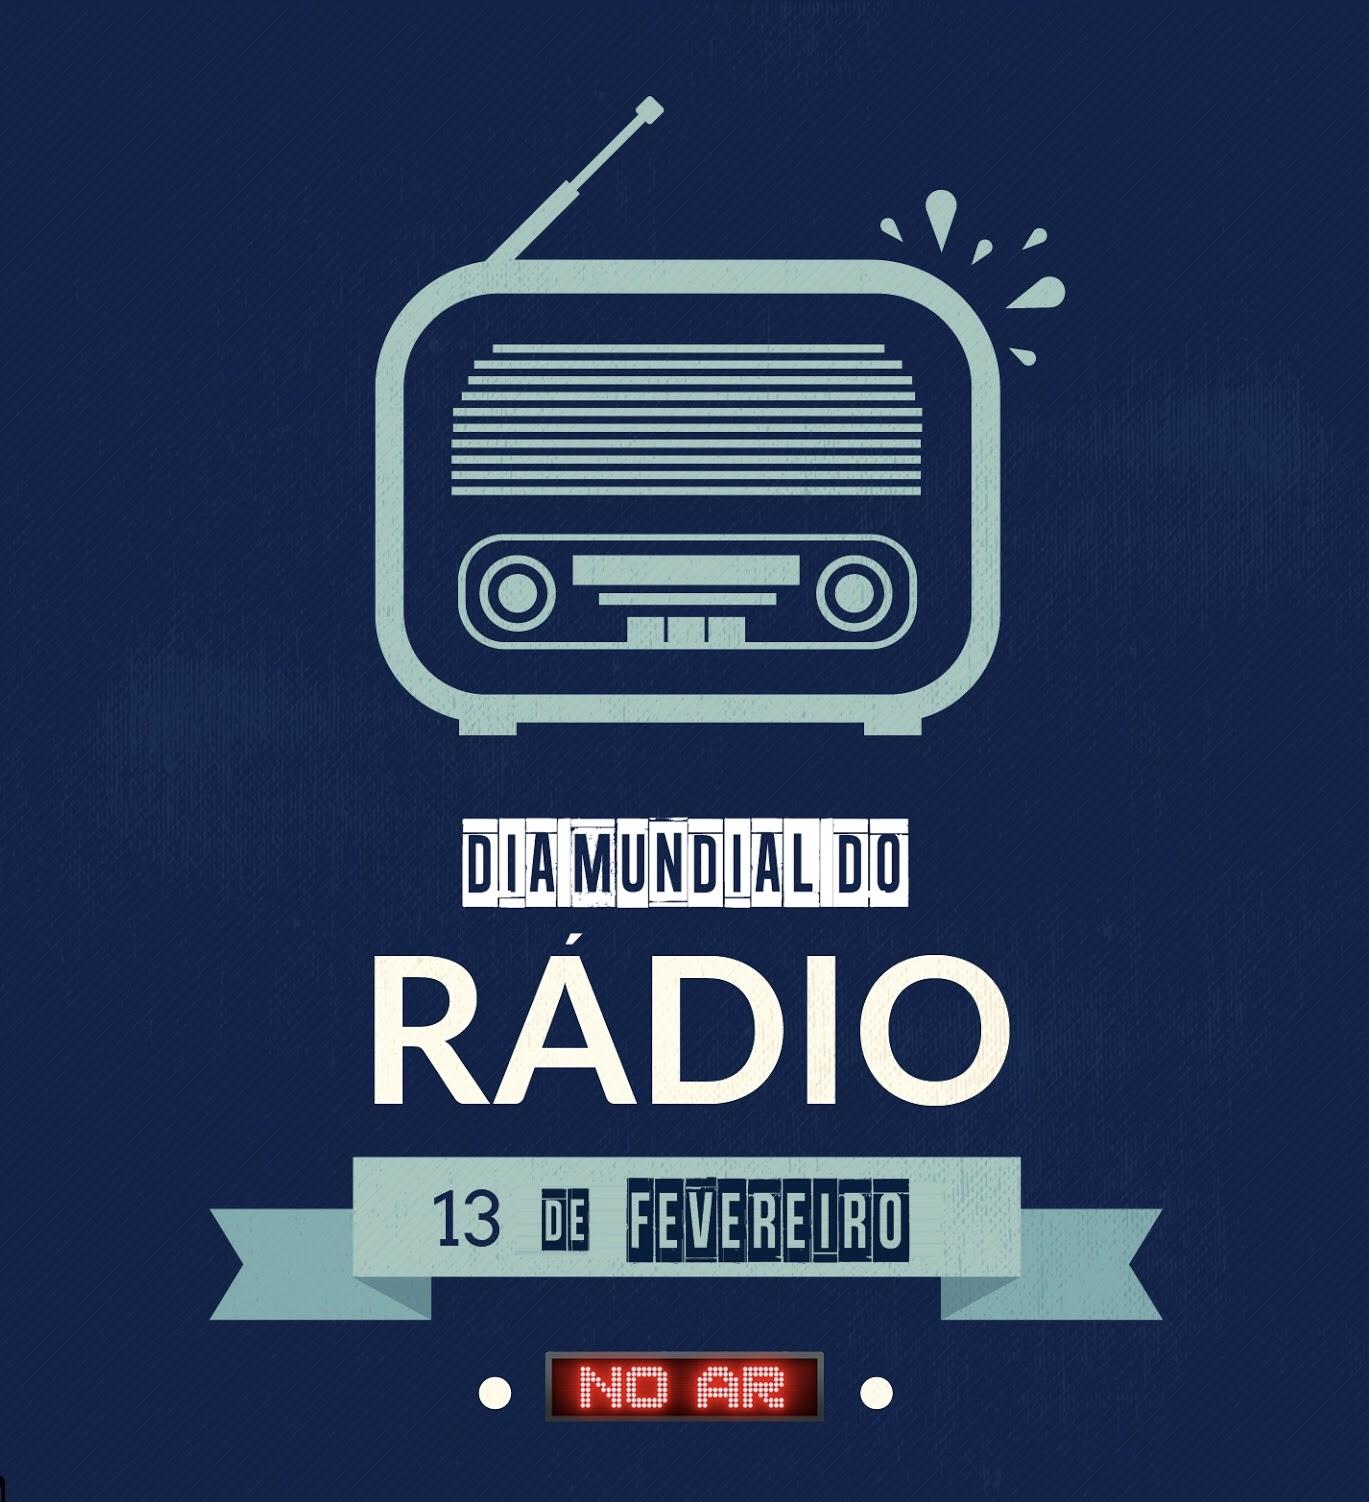 O Dia Mundial do Rádio é comemorado em 13 de fevereiro 7